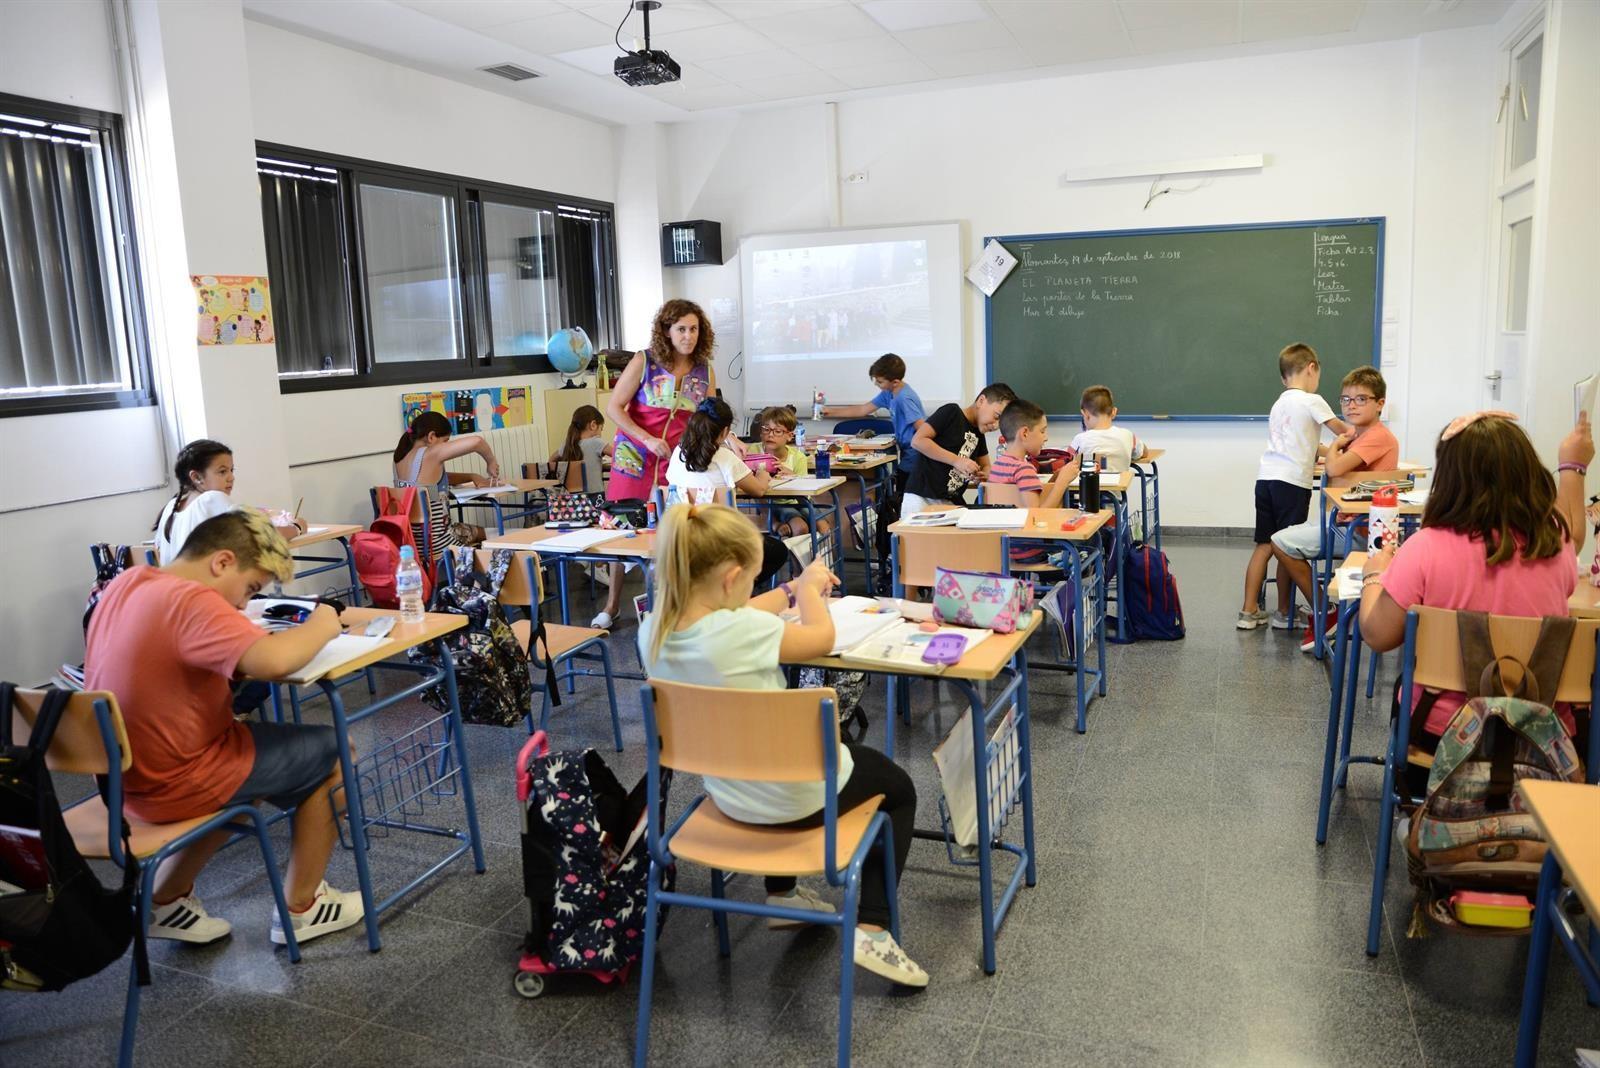 CCOO denuncia retrasos del INSS en la resolución de los expedientes de baja del profesorado afectando a sus salarios